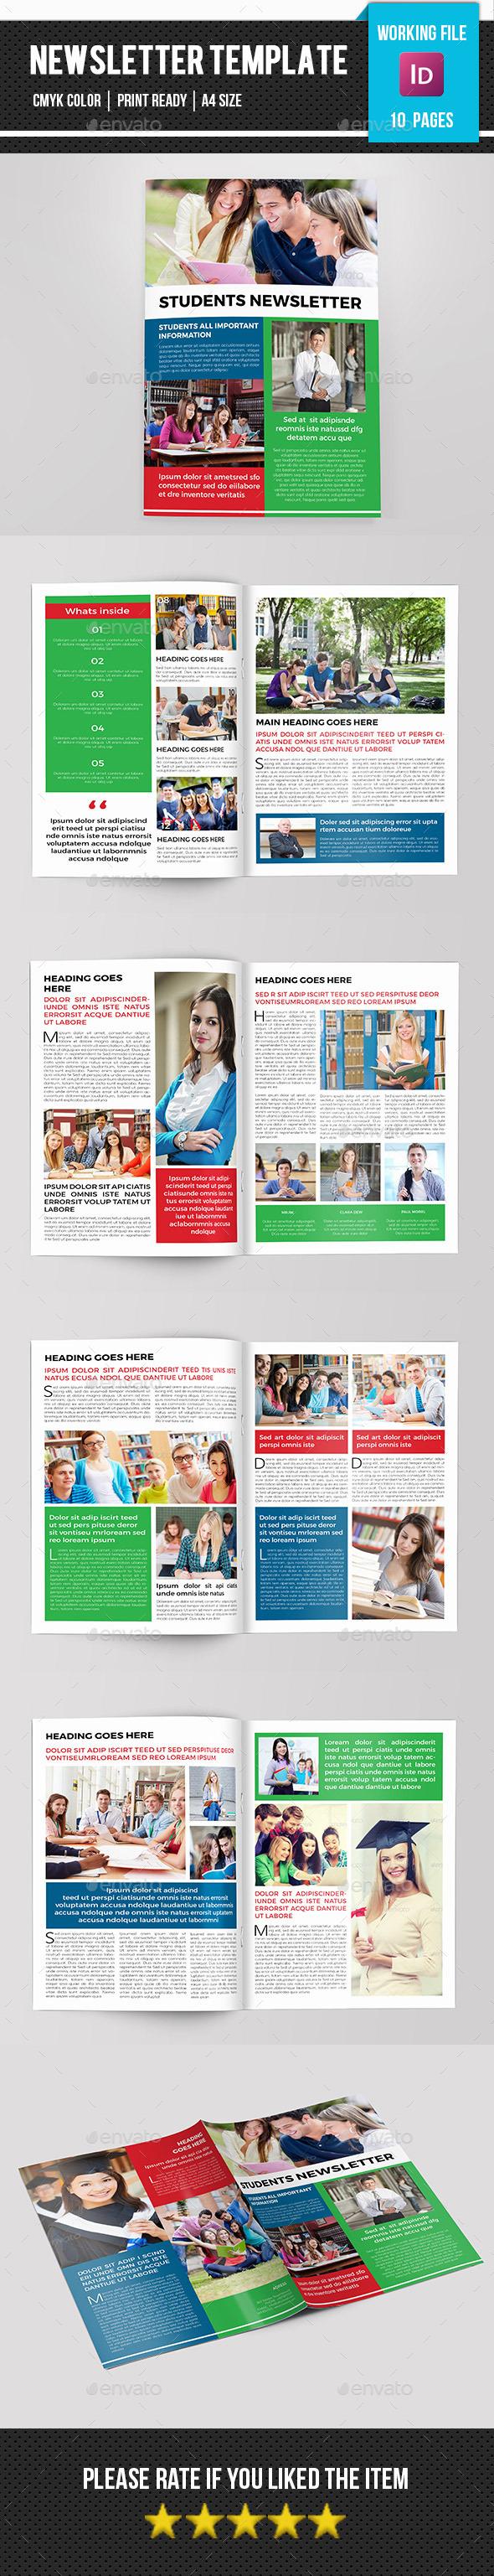 Student Newsletter-V09 - Newsletters Print Templates